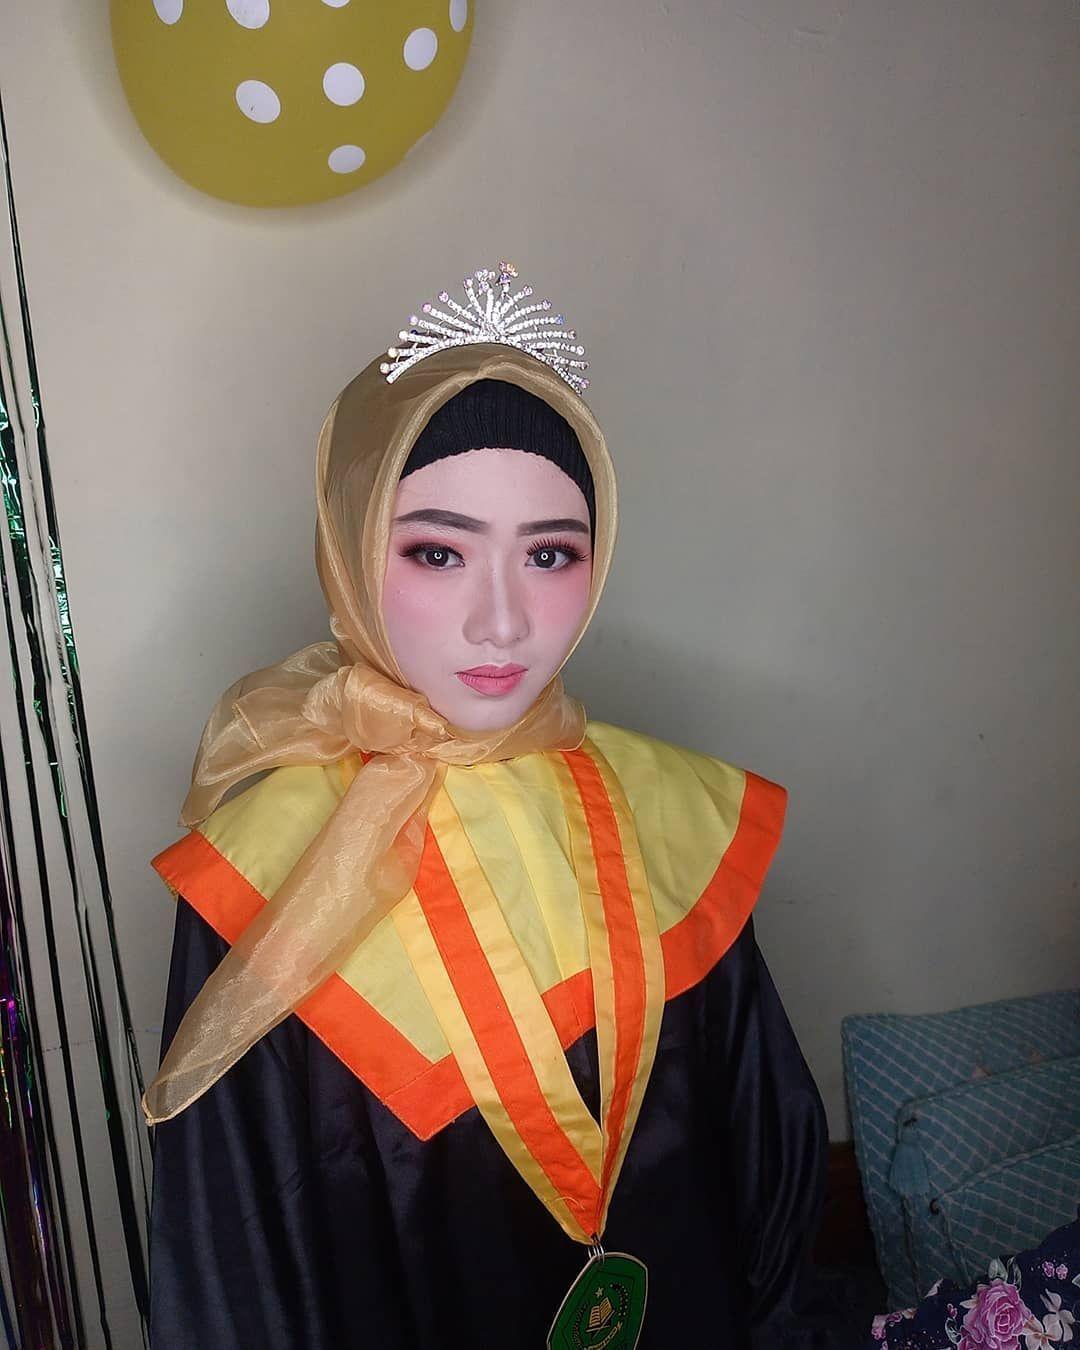 Graduation😍😍😍 Makeup by diahayu_makeup More info